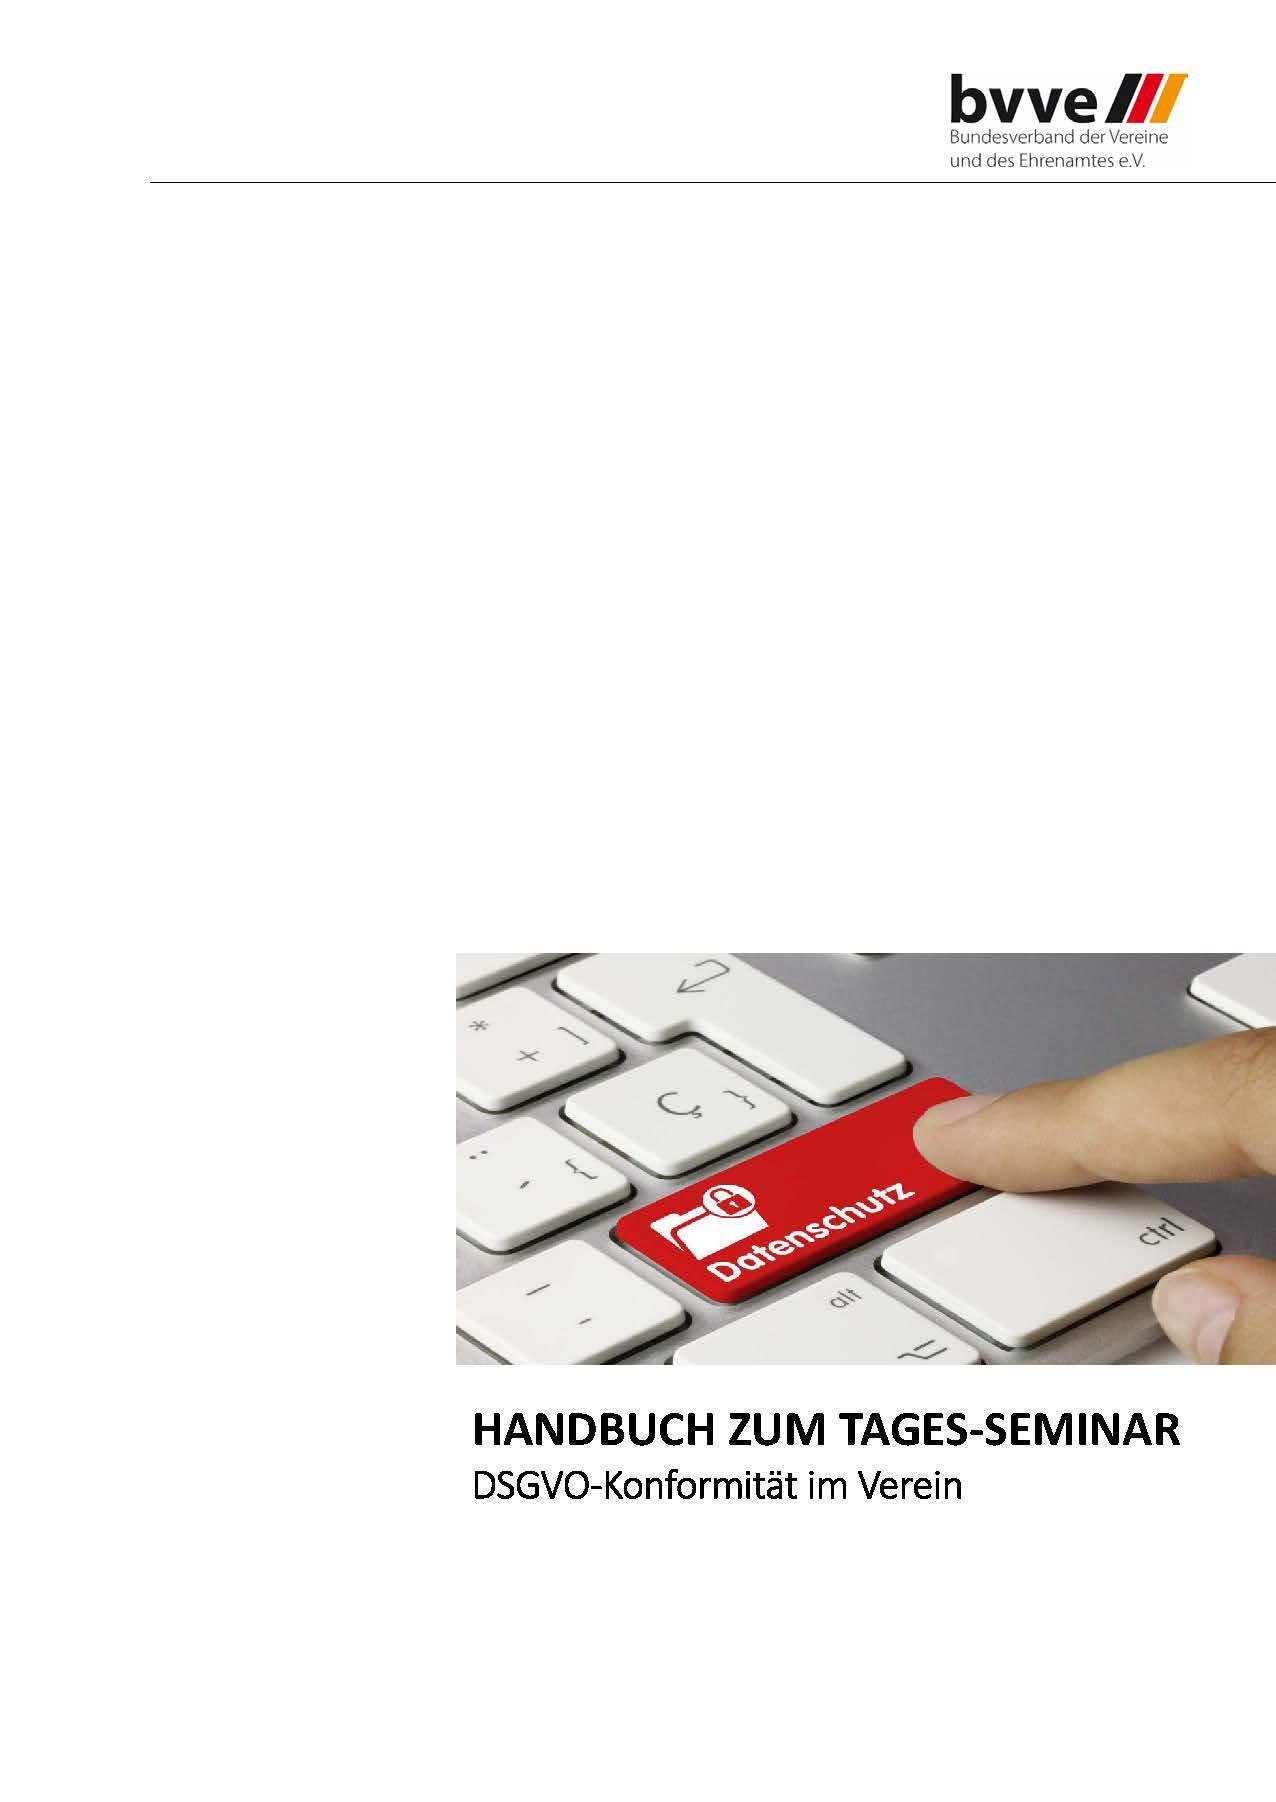 Handbuch zum Tagesseminar